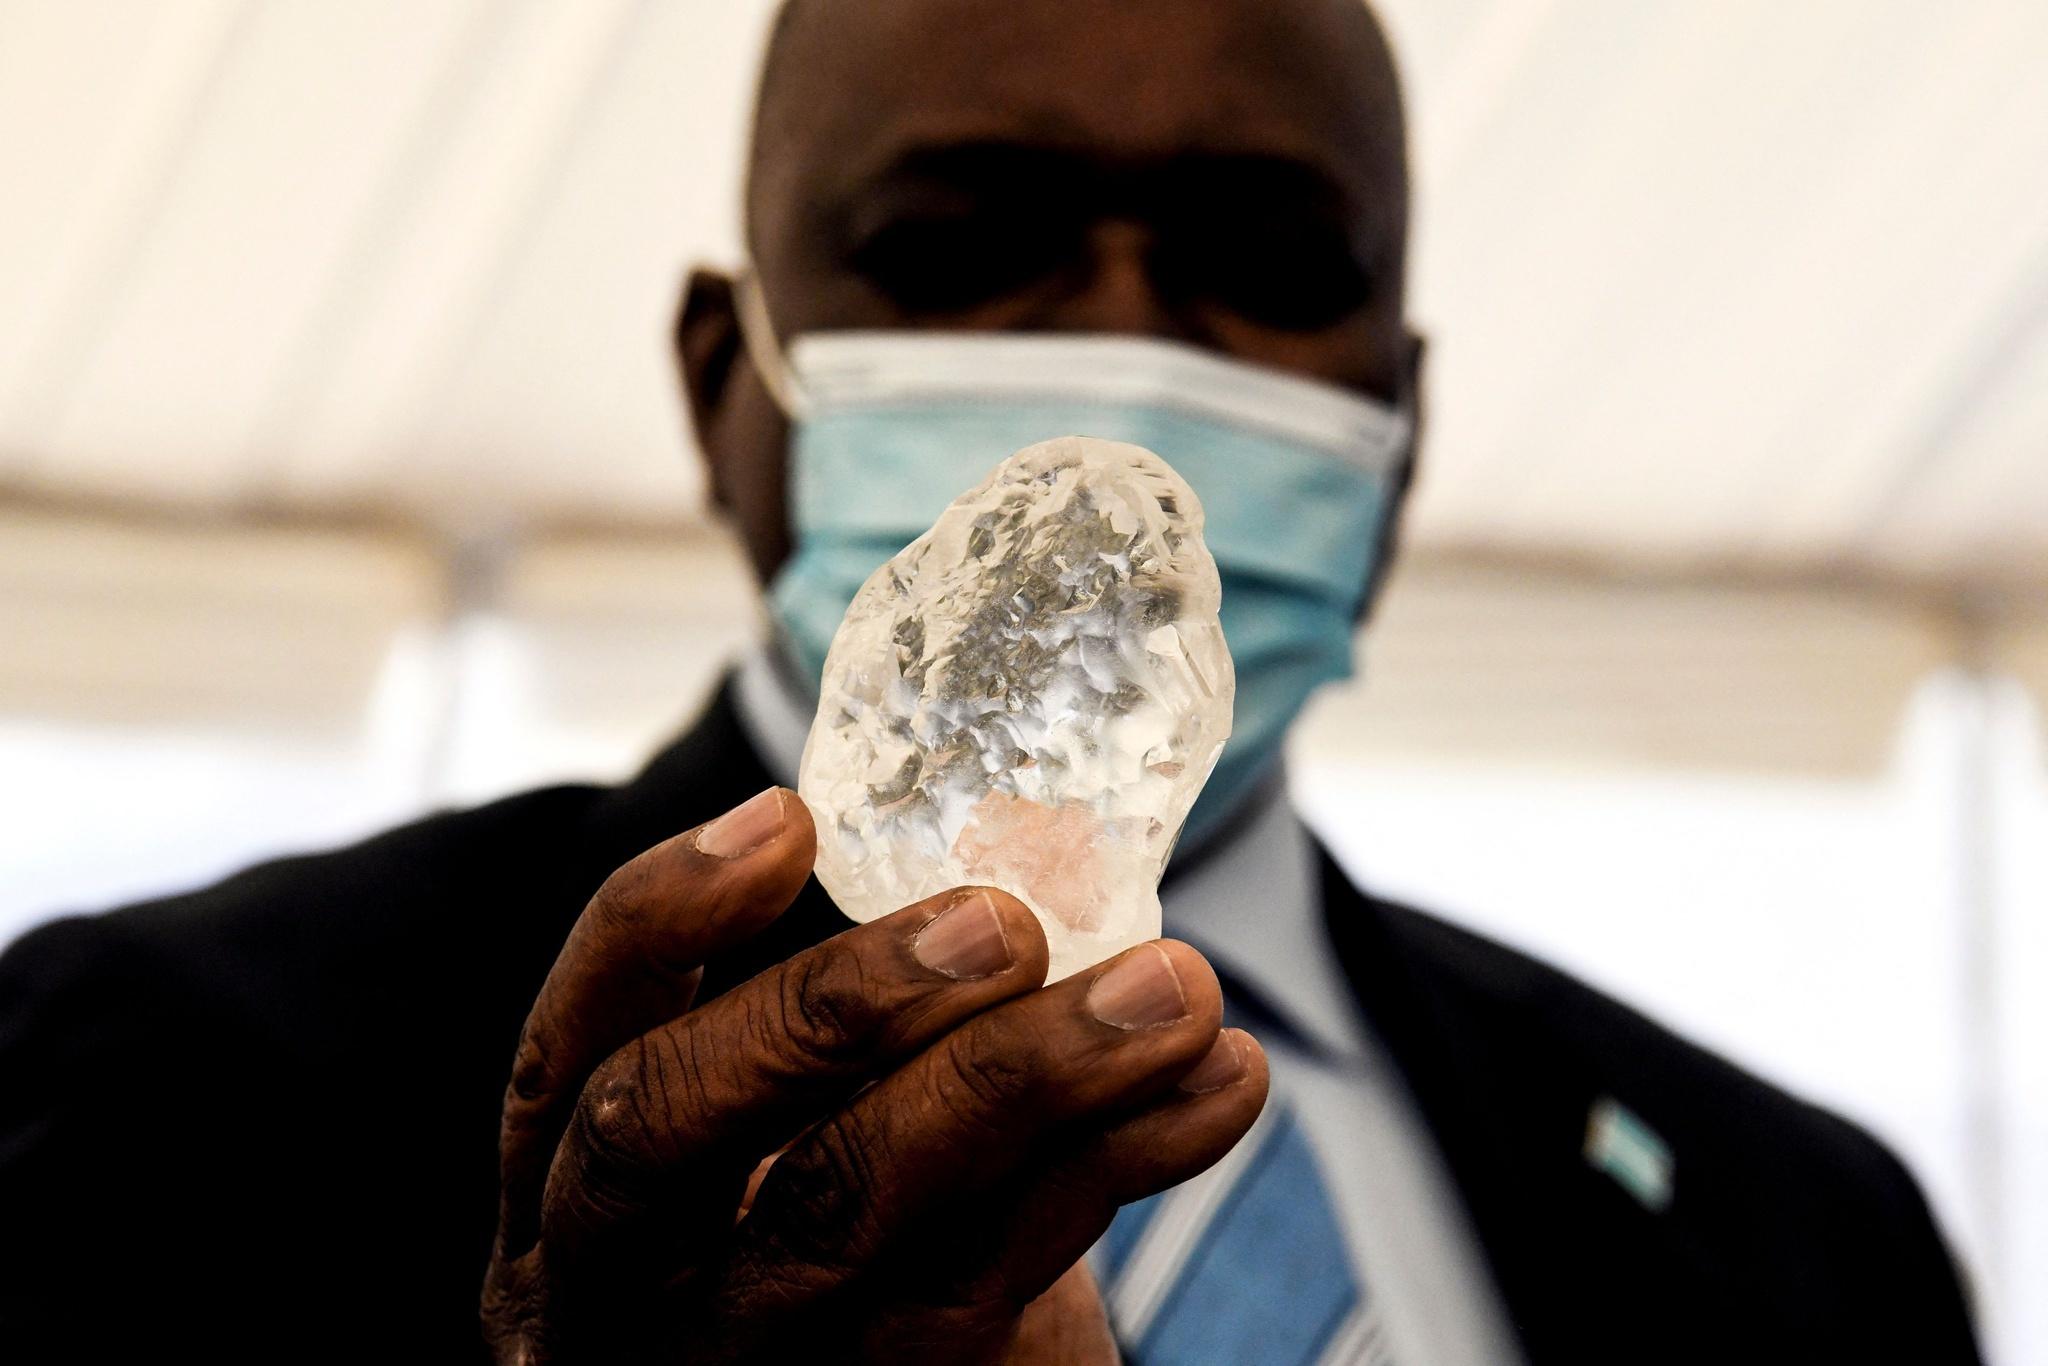 【速報】ボツワナでとてつもないダイヤモンドが発掘される!!!